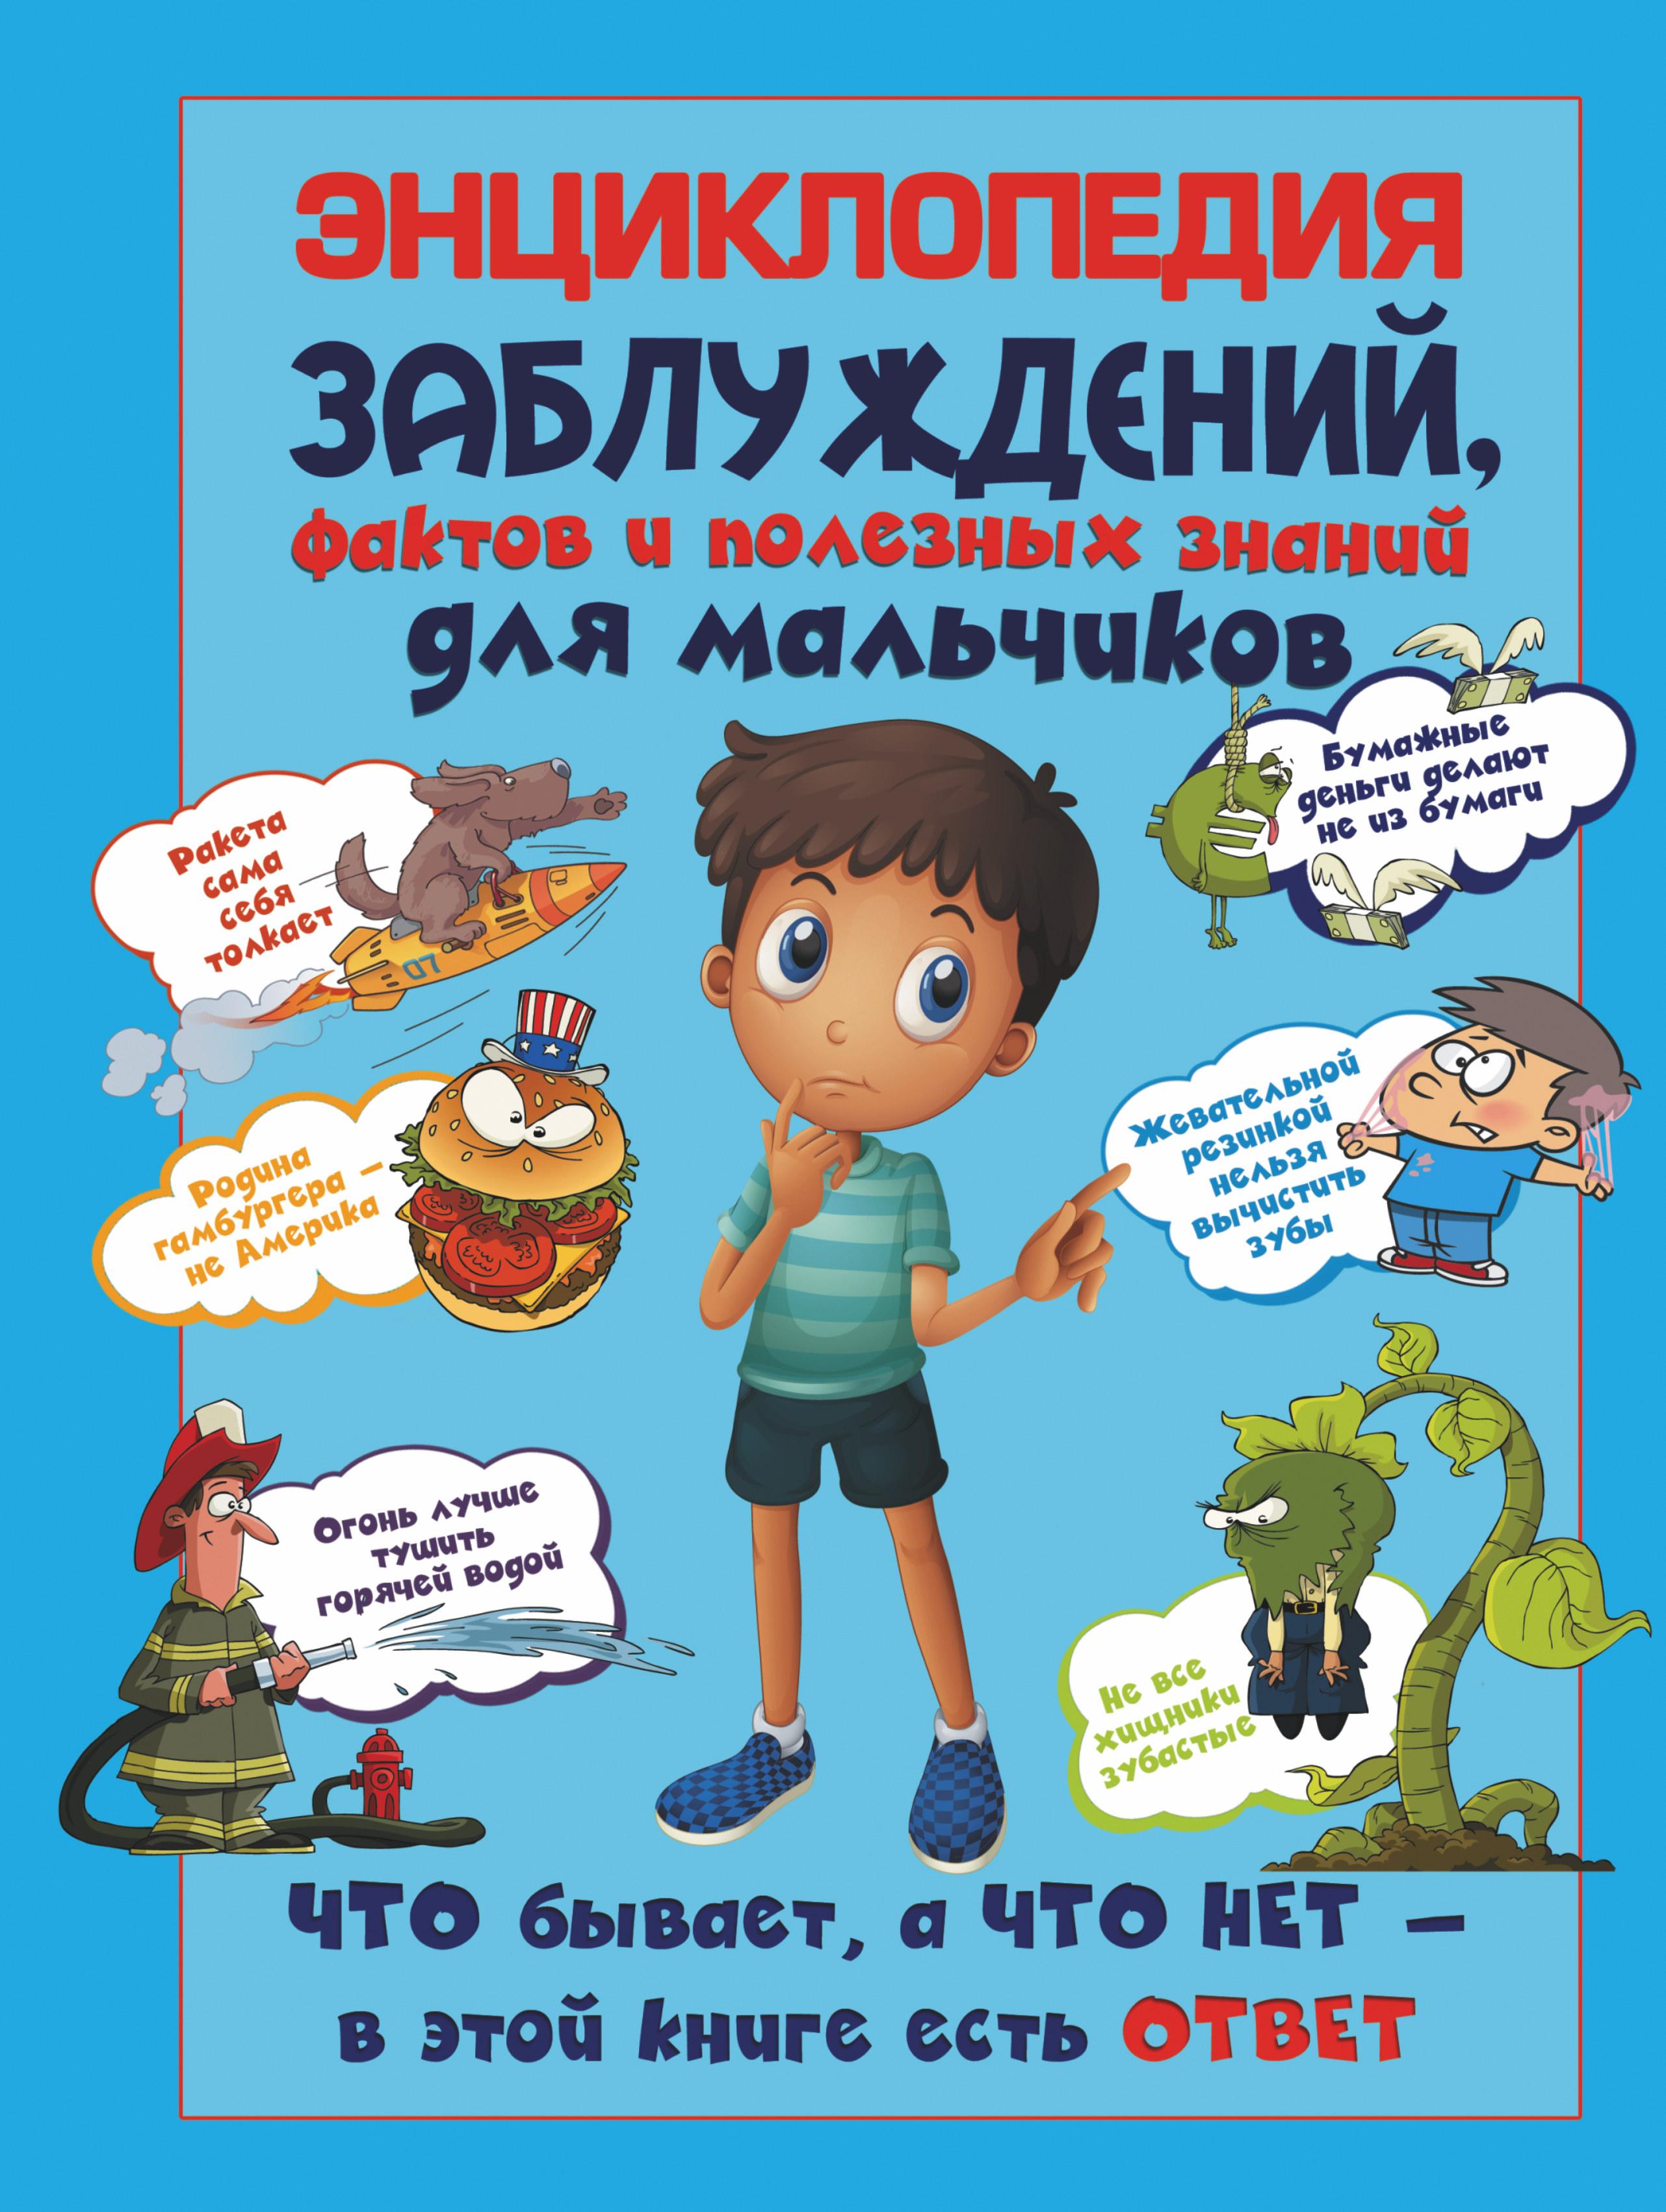 Самые интересные книги для мальчика 10 лет